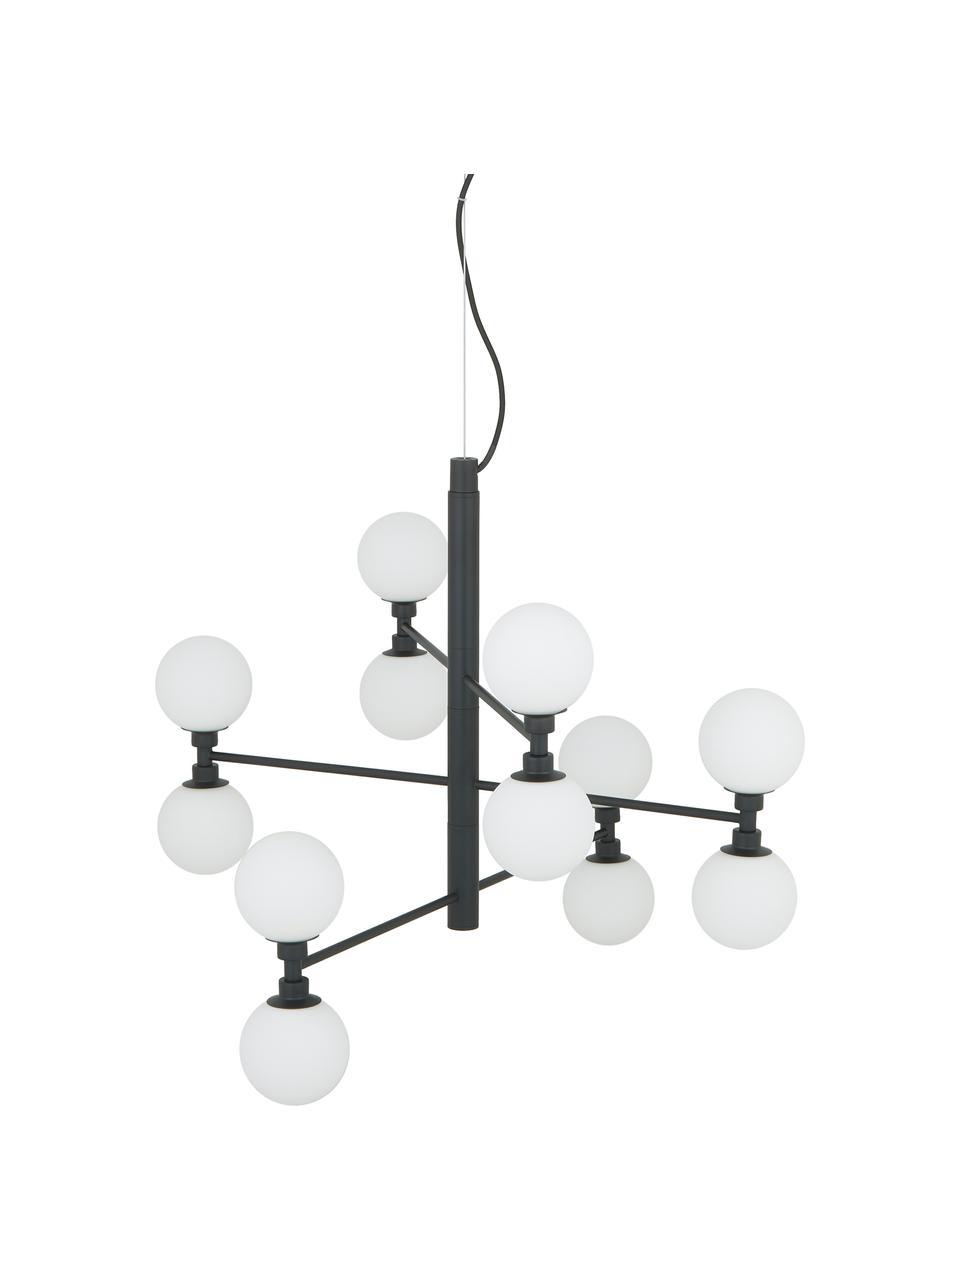 Große Pendelleuchte Grover mit Glaskugeln in Schwarz, Baldachin: Metall, pulverbeschichtet, Schwarz, Weiß, Ø 70 x H 56 cm